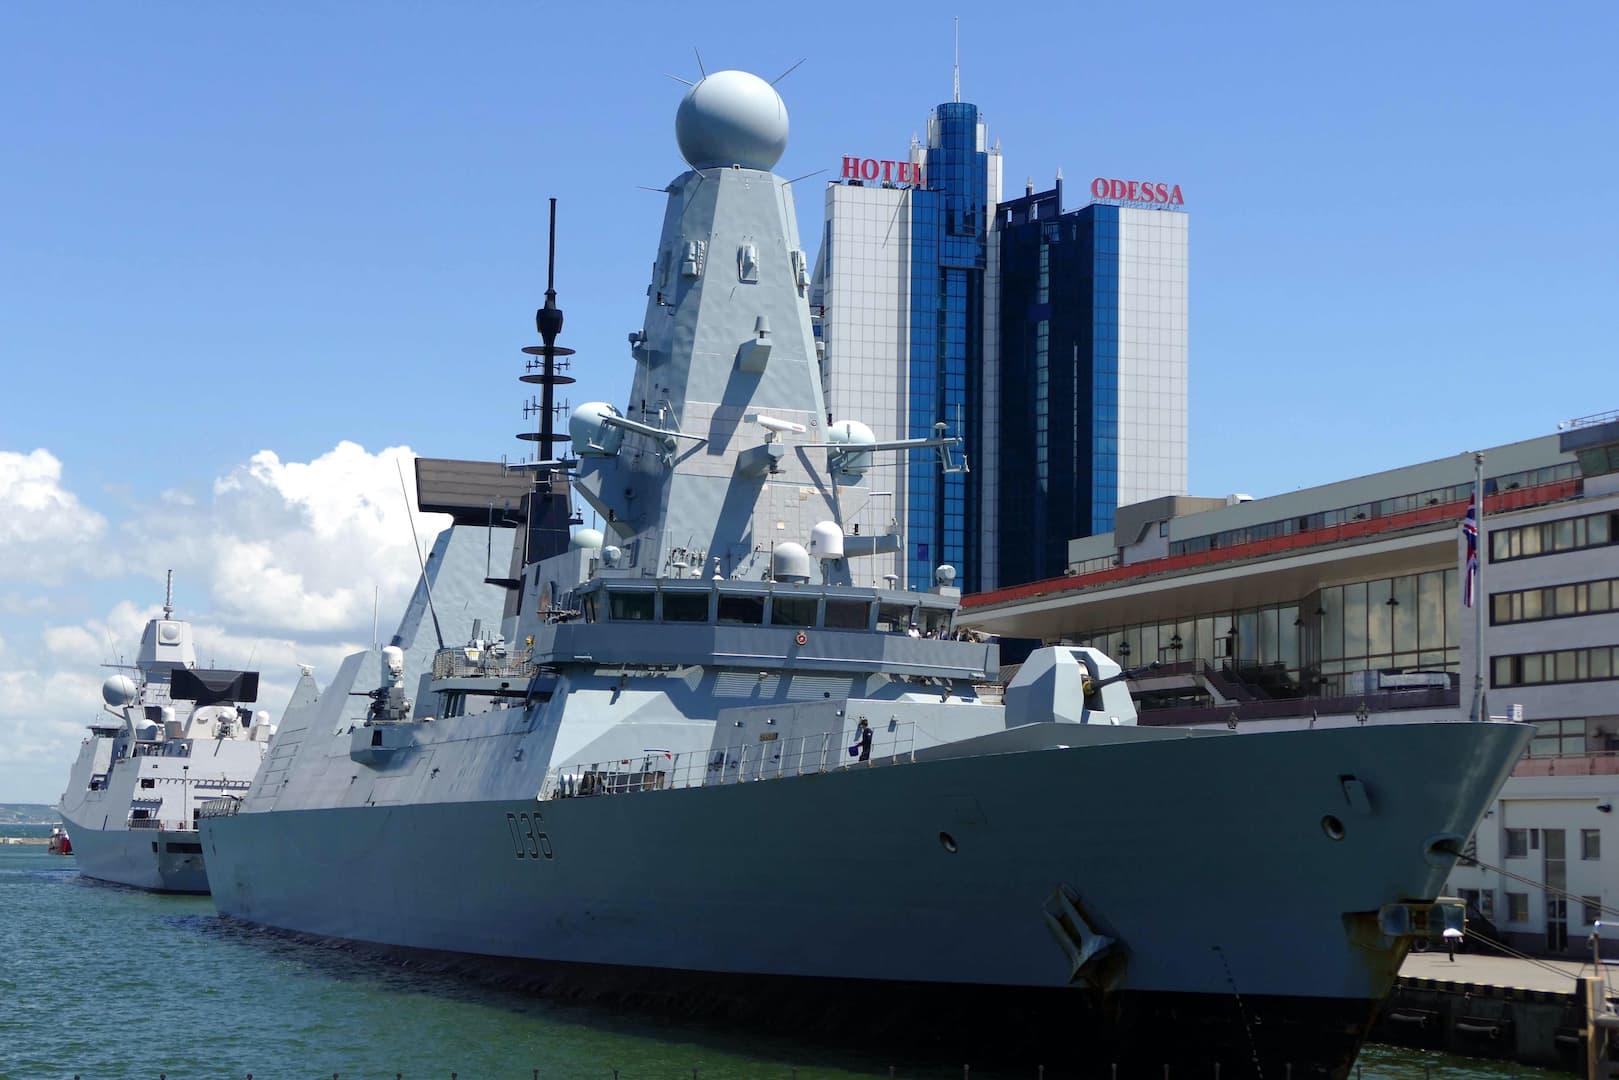 Britannian HMS Defender -hävittäjä satamassa.